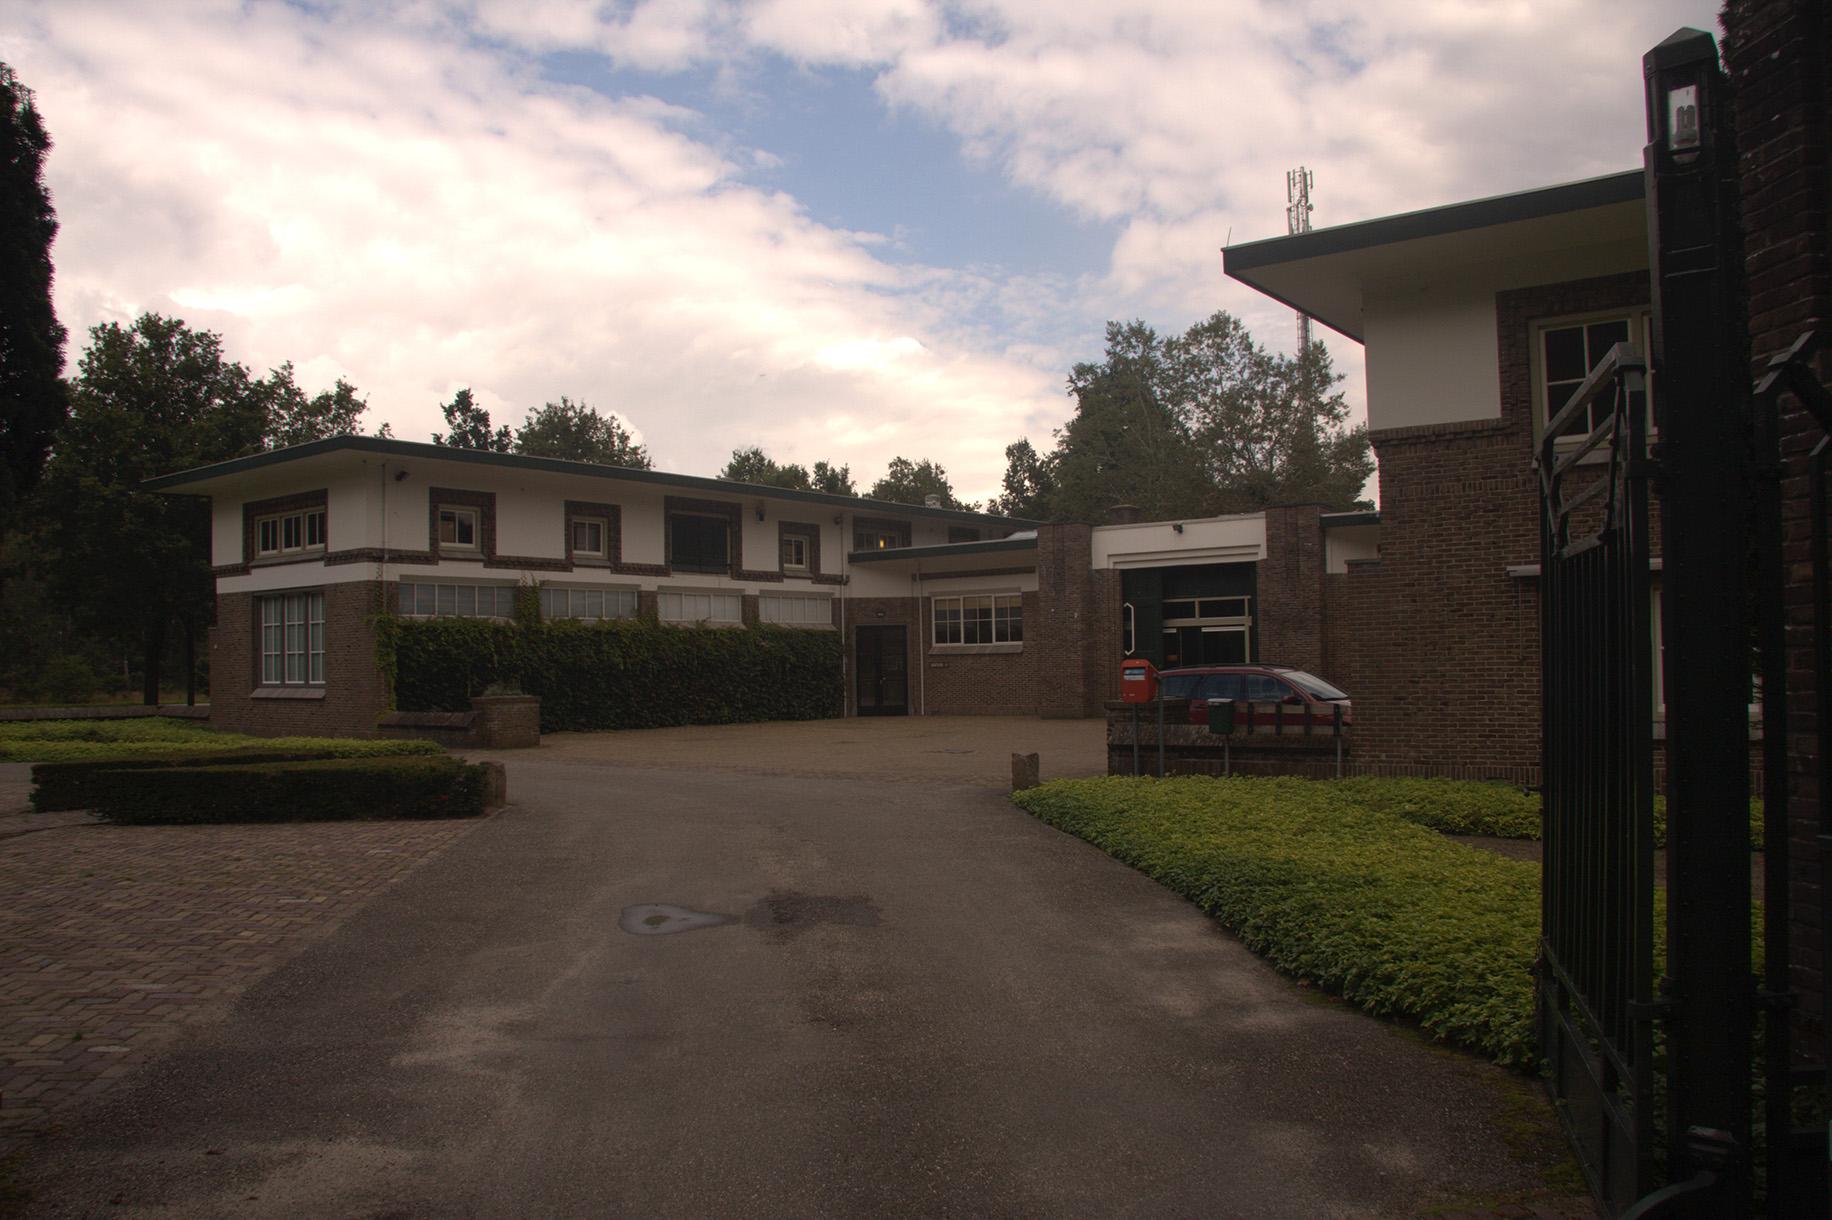 Het Dienstgebouw van De Hoge Veluwe omvat kantoorruimte (links) en woonruimte (rechts) – foto: Yvonne Arentzen